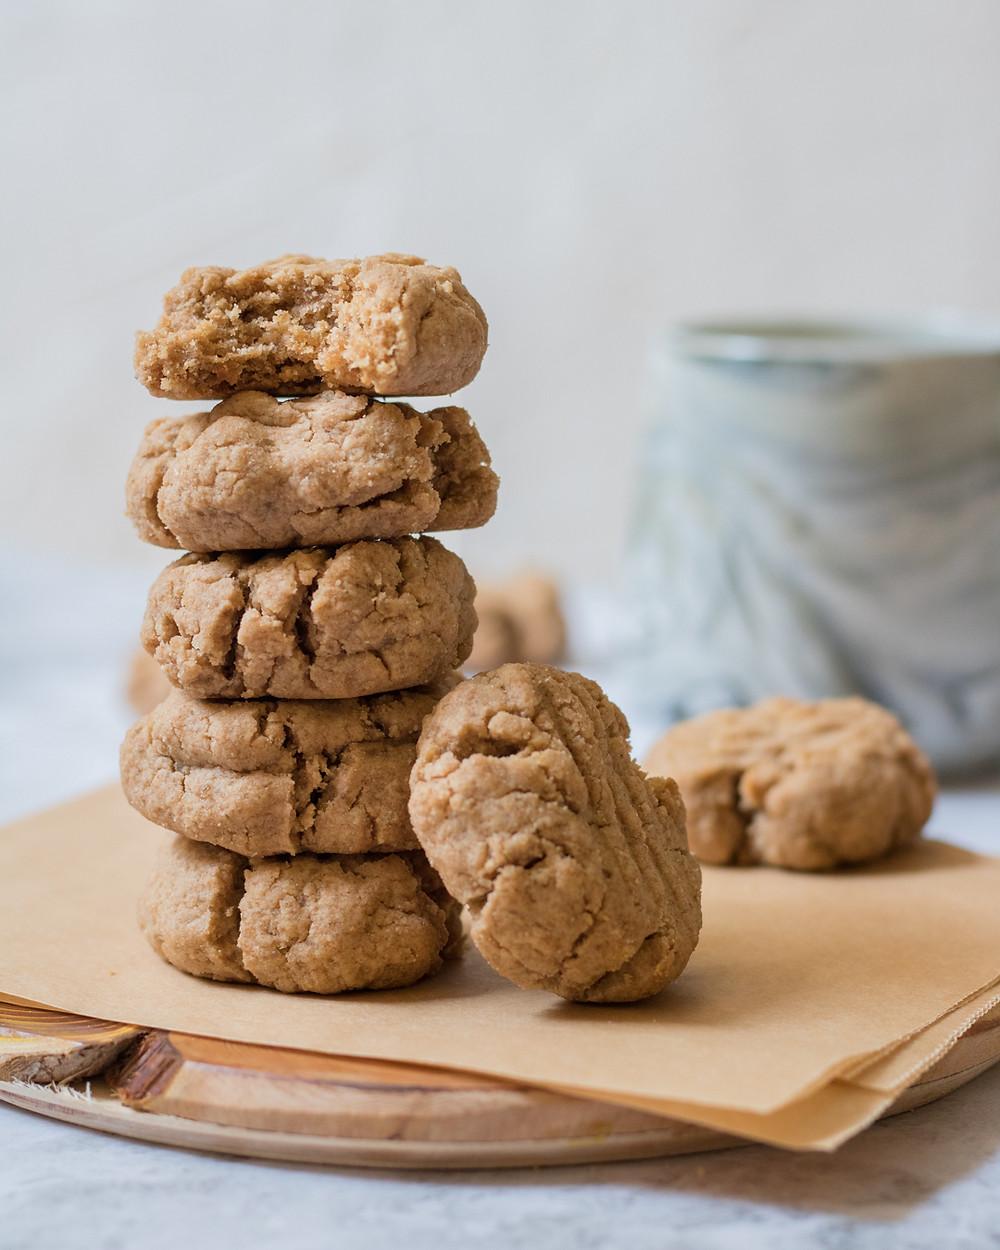 עוגיות טחינה טבעוניות מקמח כוסמין מלא פריכות ומתוקות